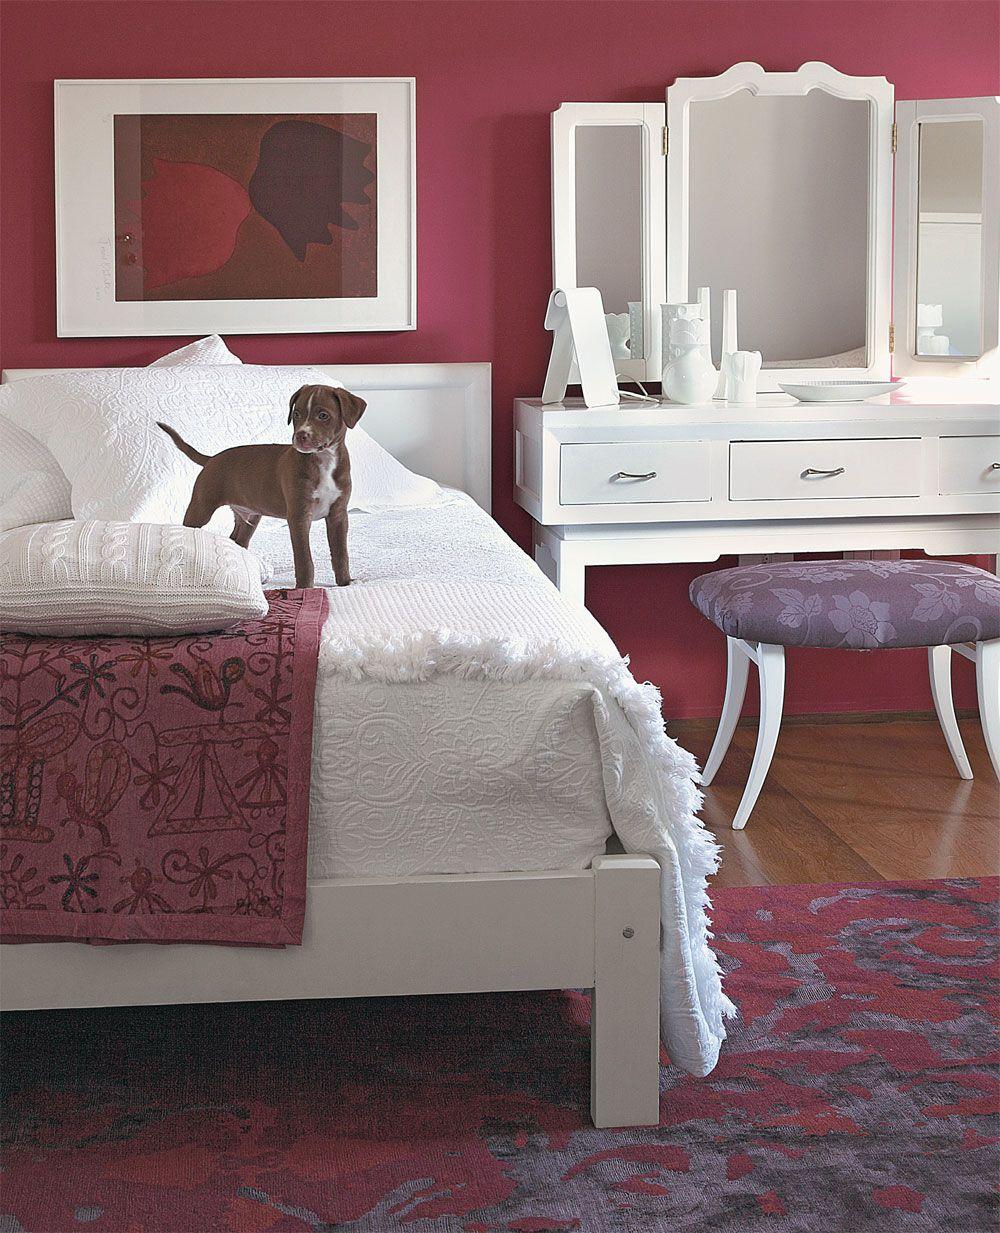 Branco, o enxoval da Casa Almeida acompanha a nova cor dos móveis. Objetos sobre a penteadeira da Loja Teo, tapete da By Kamy e quadro de Mônica Filgueiras Eduardo Machado Galeria.